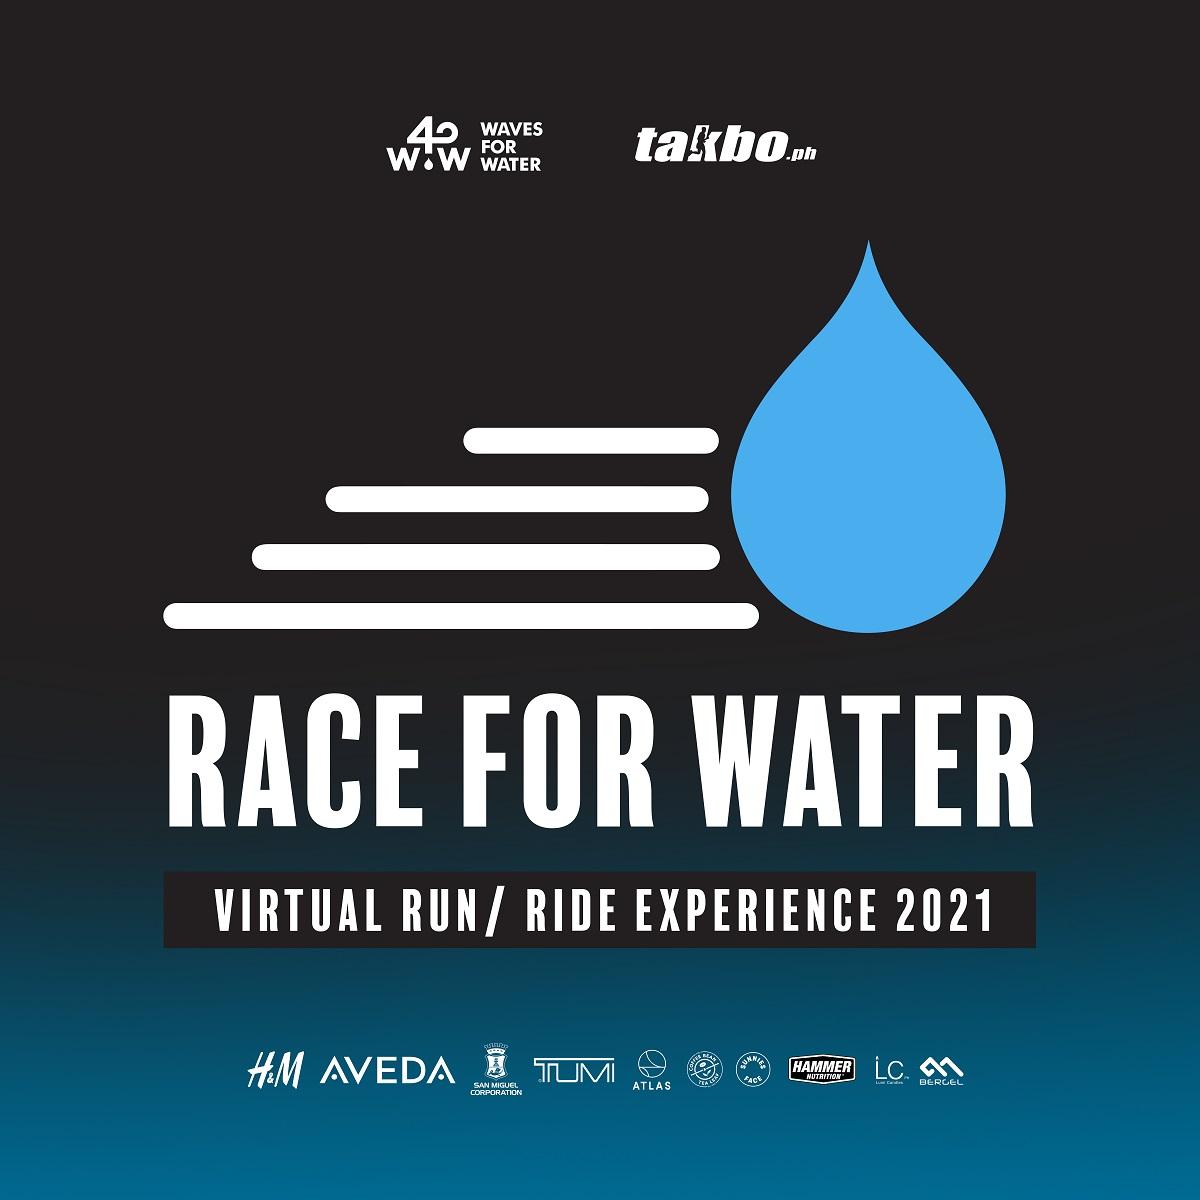 Race for Water Virtual Run 2021